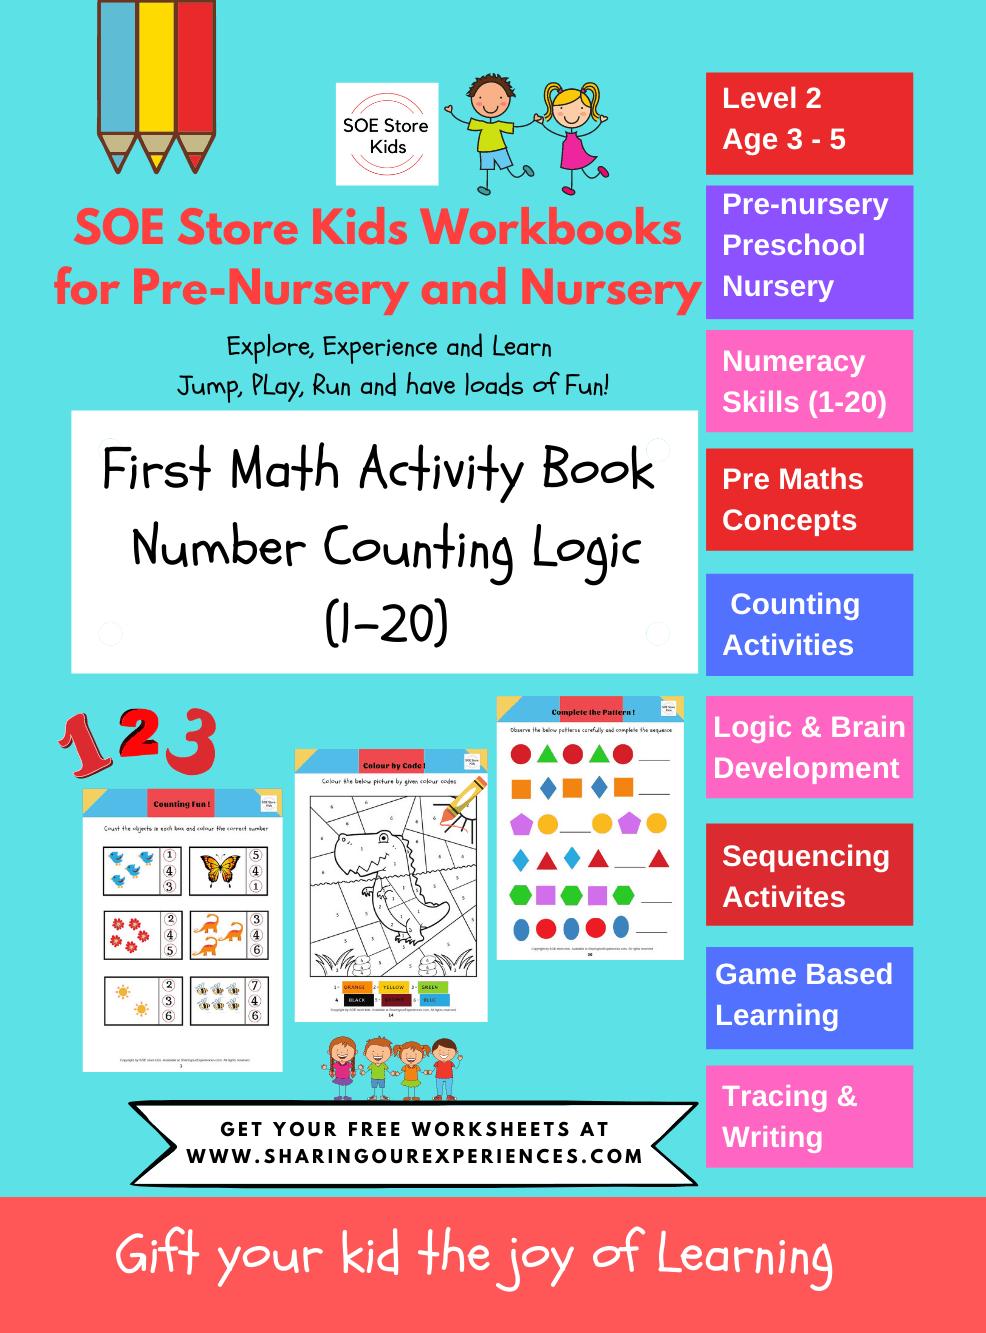 First Math Activity books for preschool nursery kids